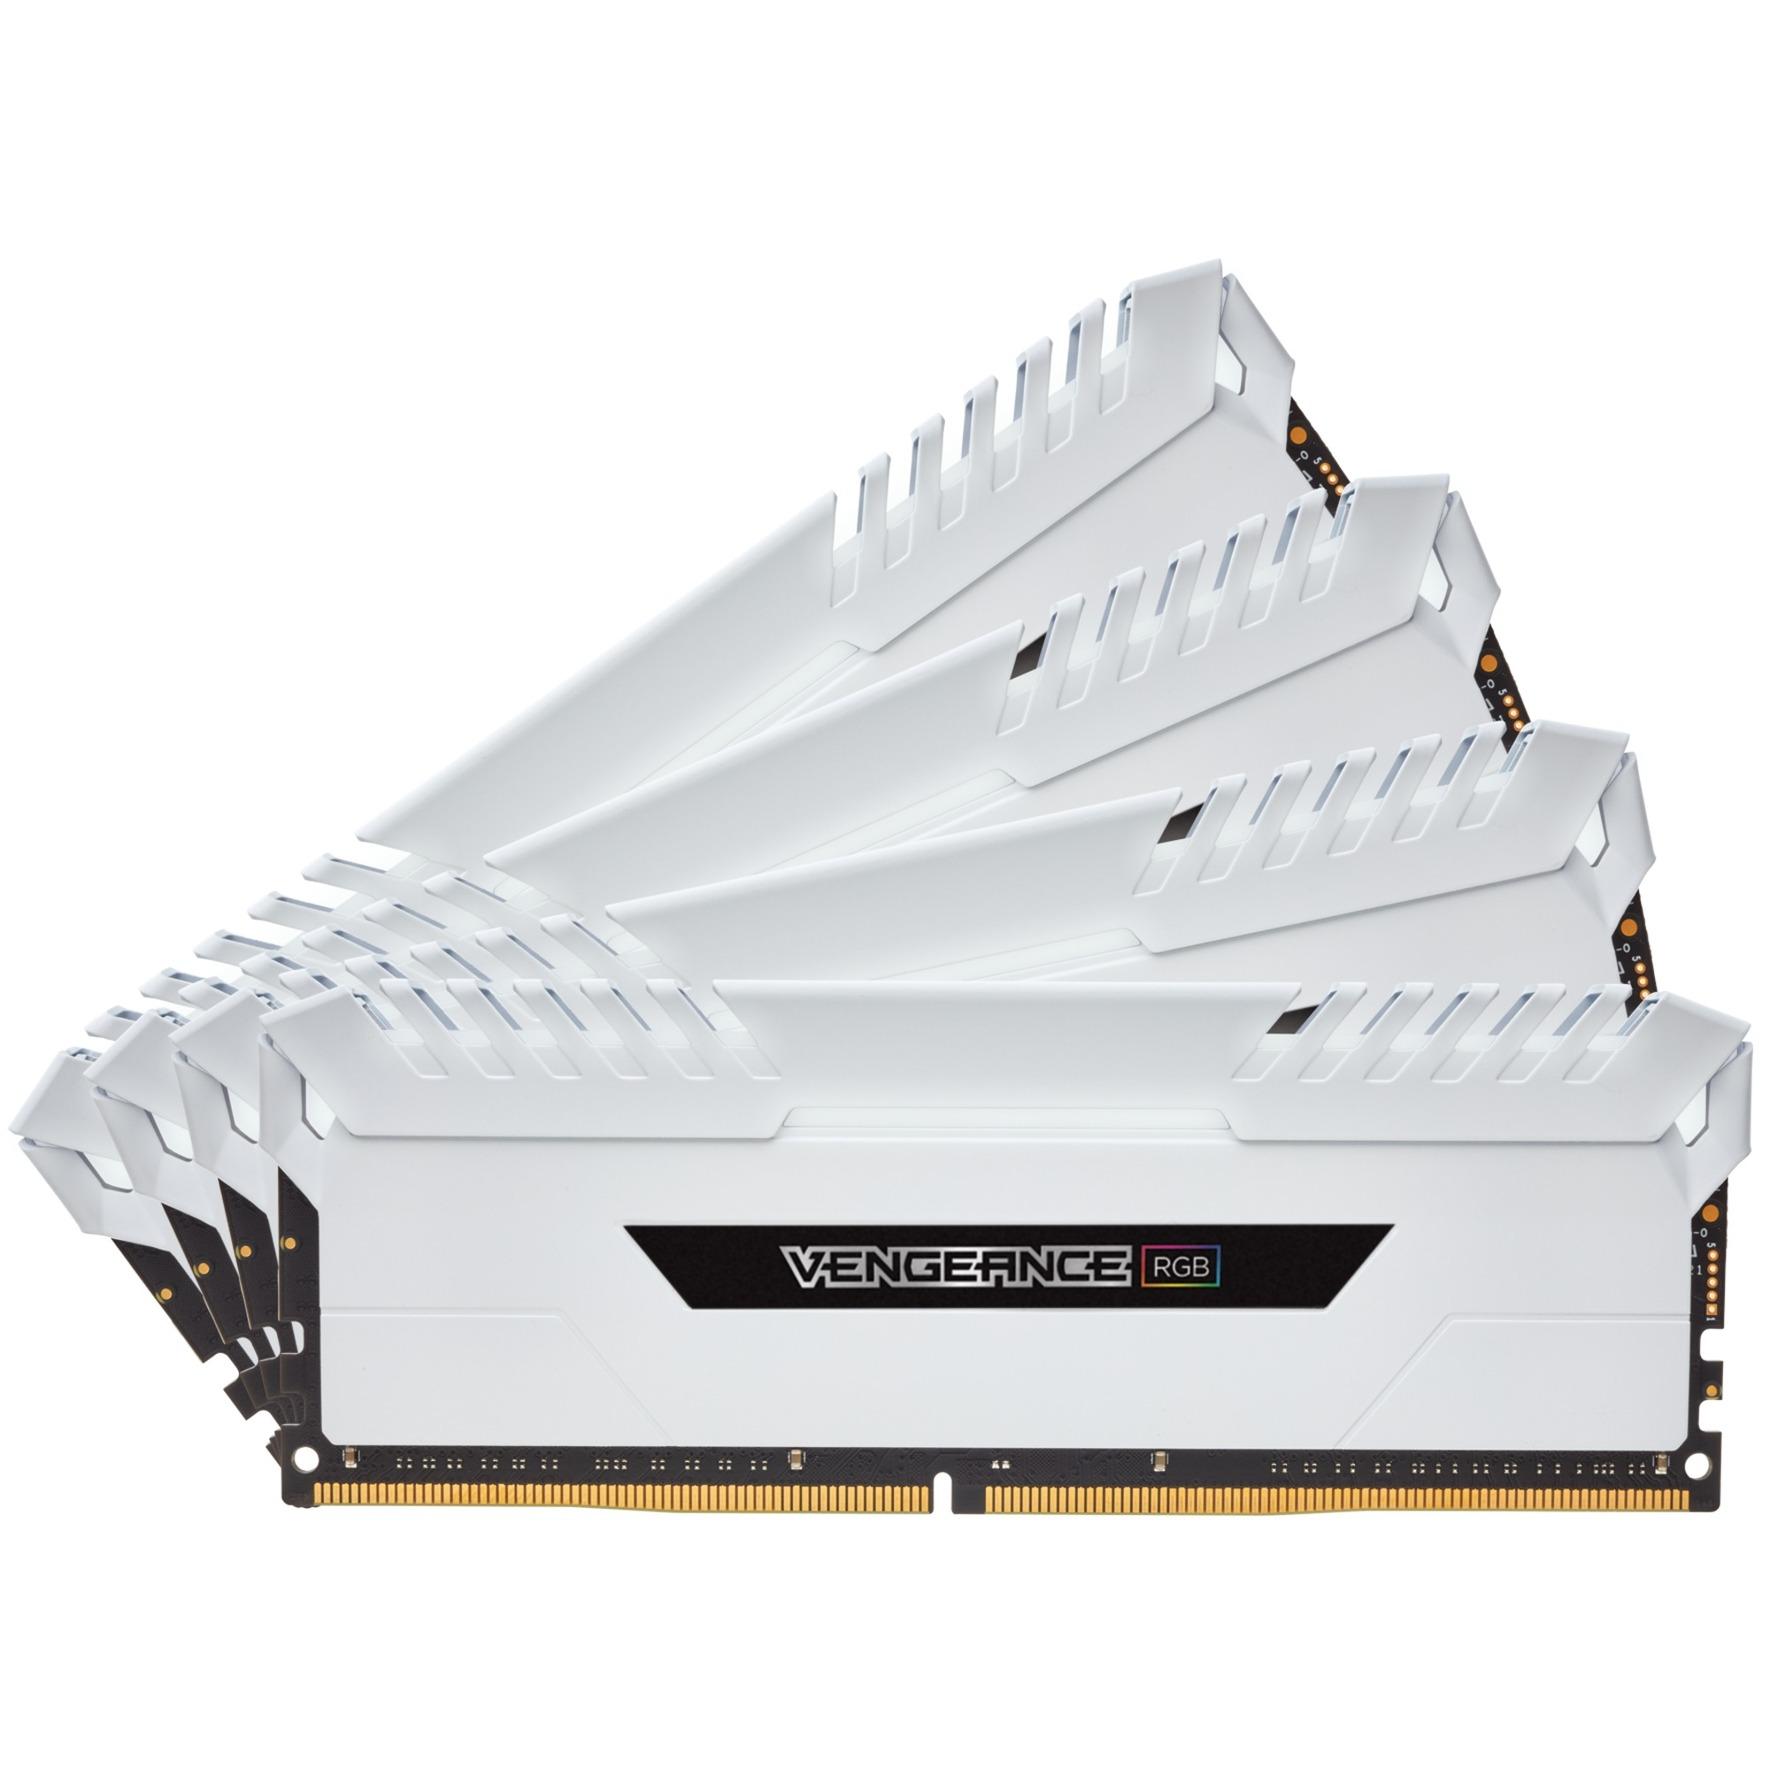 Vengeance RGB 32GB, DDR4, 3000 MHz 32Go DDR4 3000MHz module de mémoire